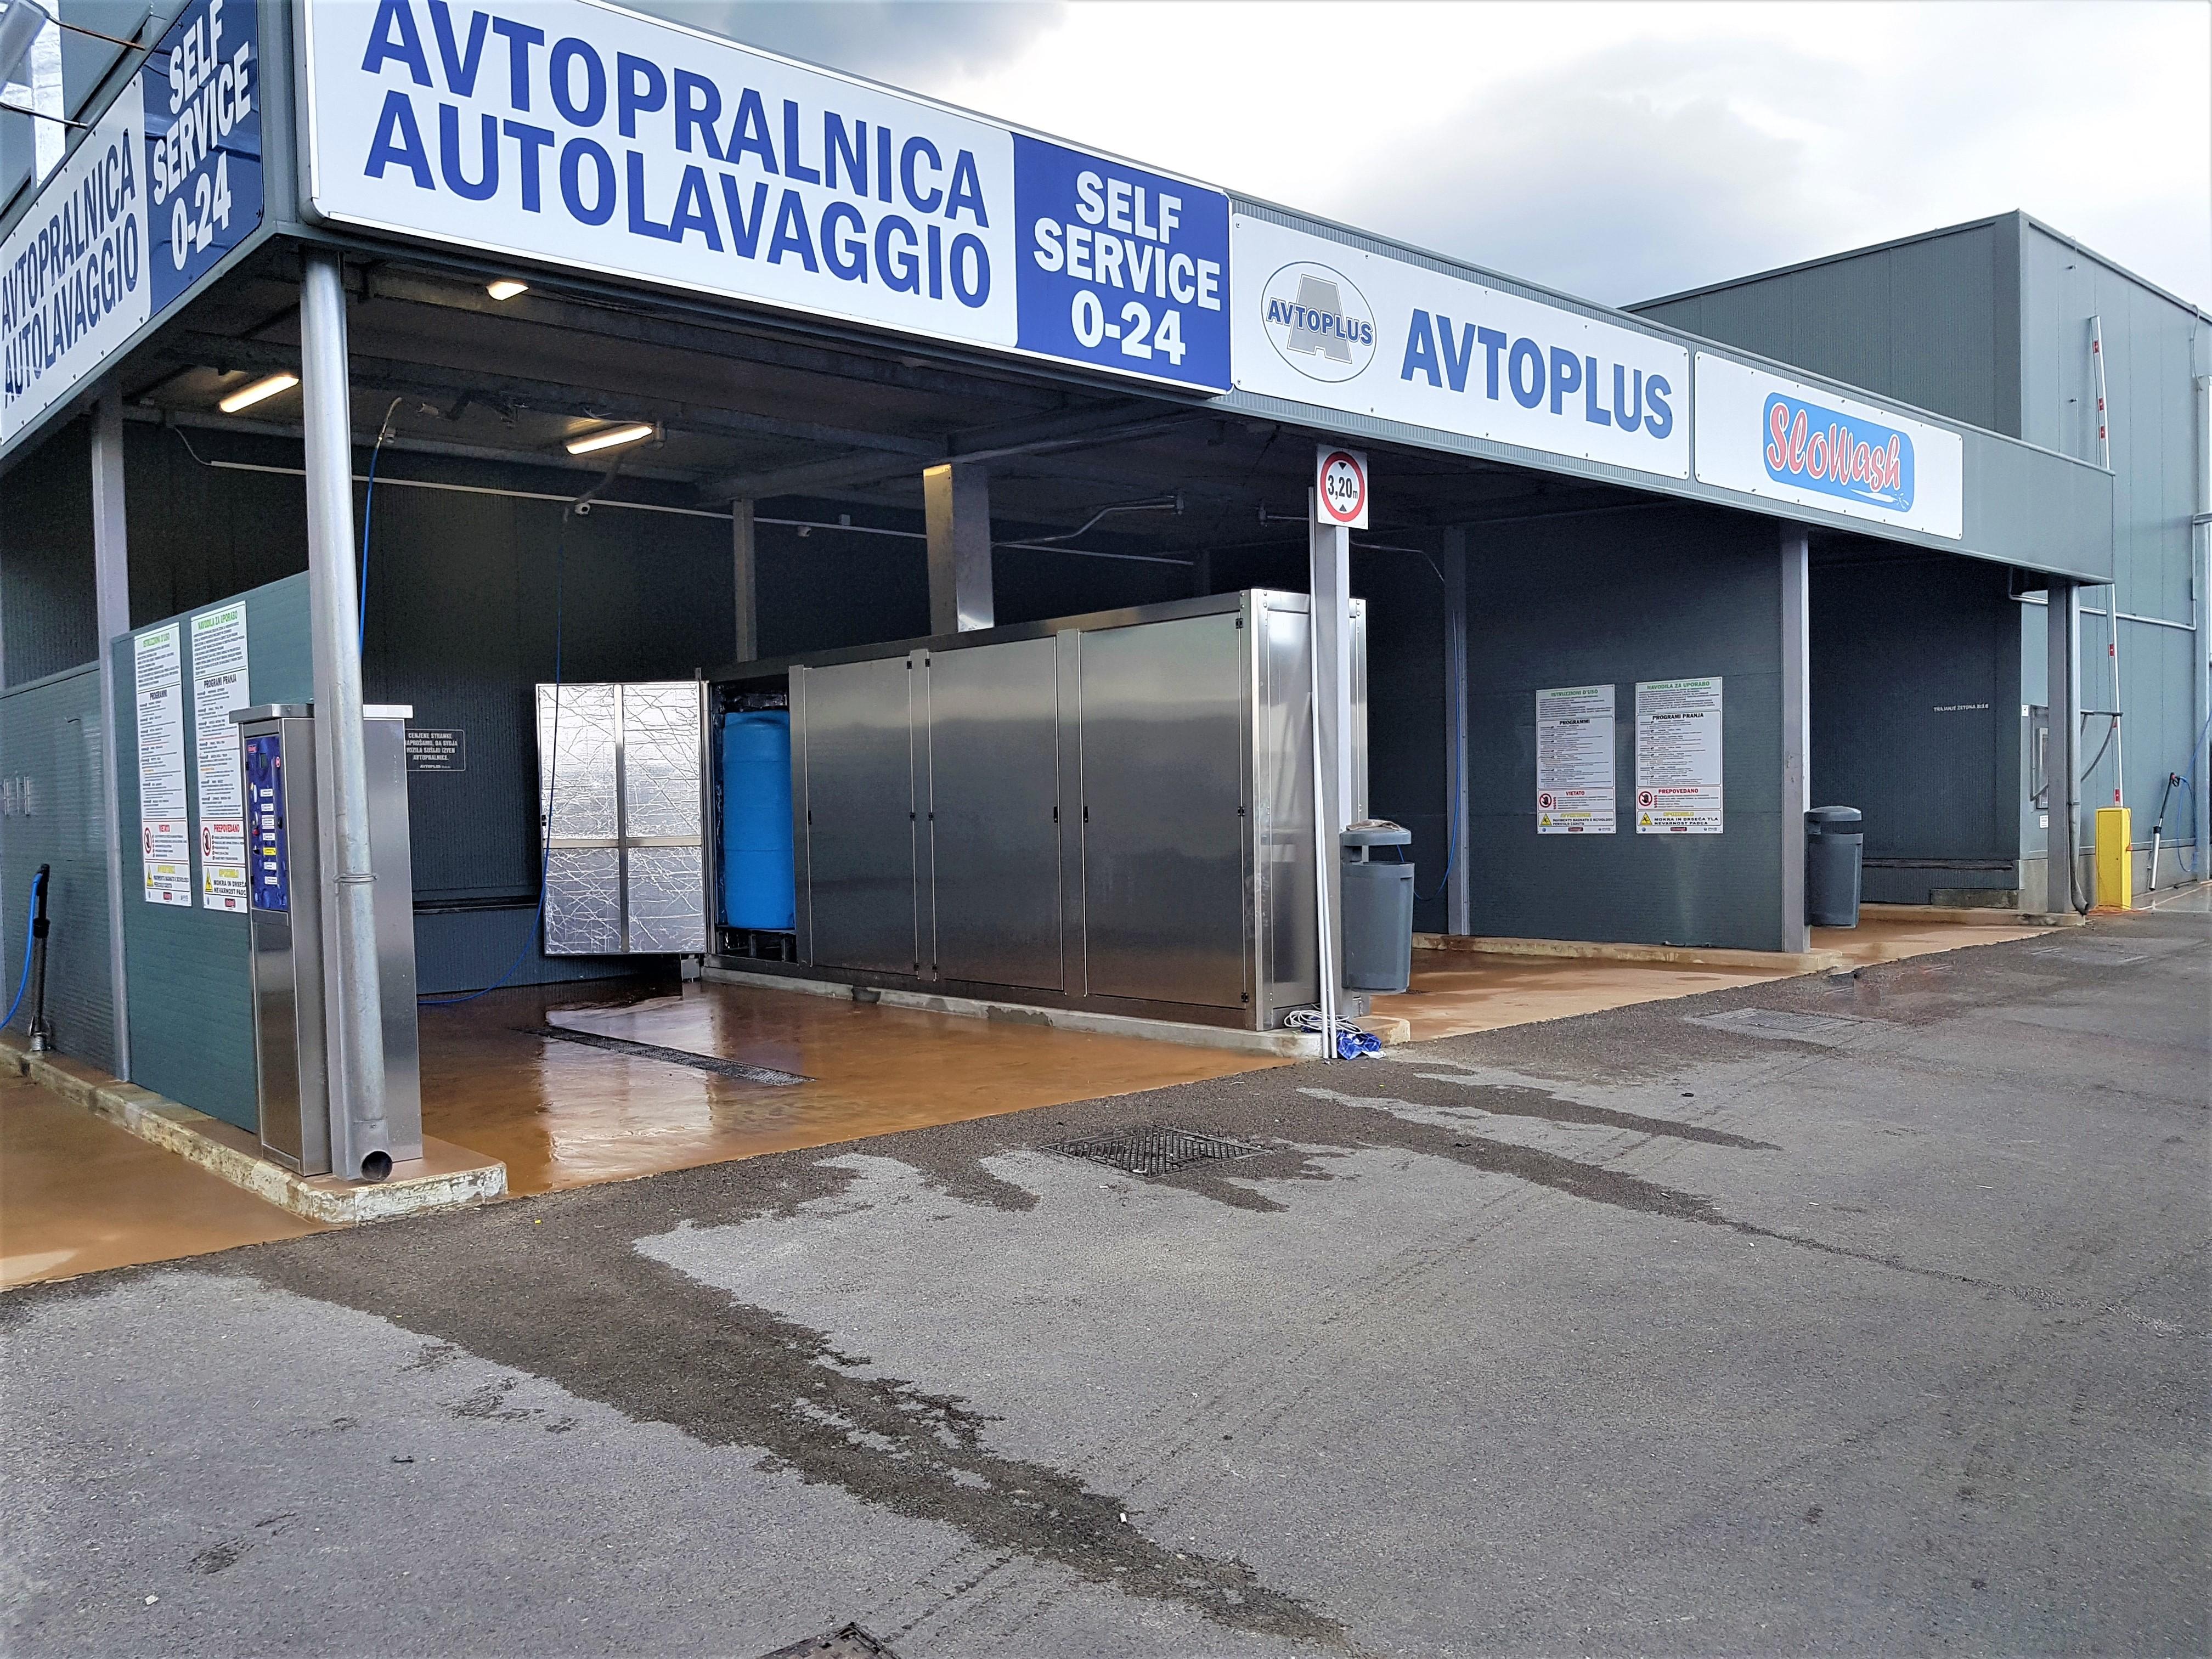 AVTOPLUS - KOPER (NEW)